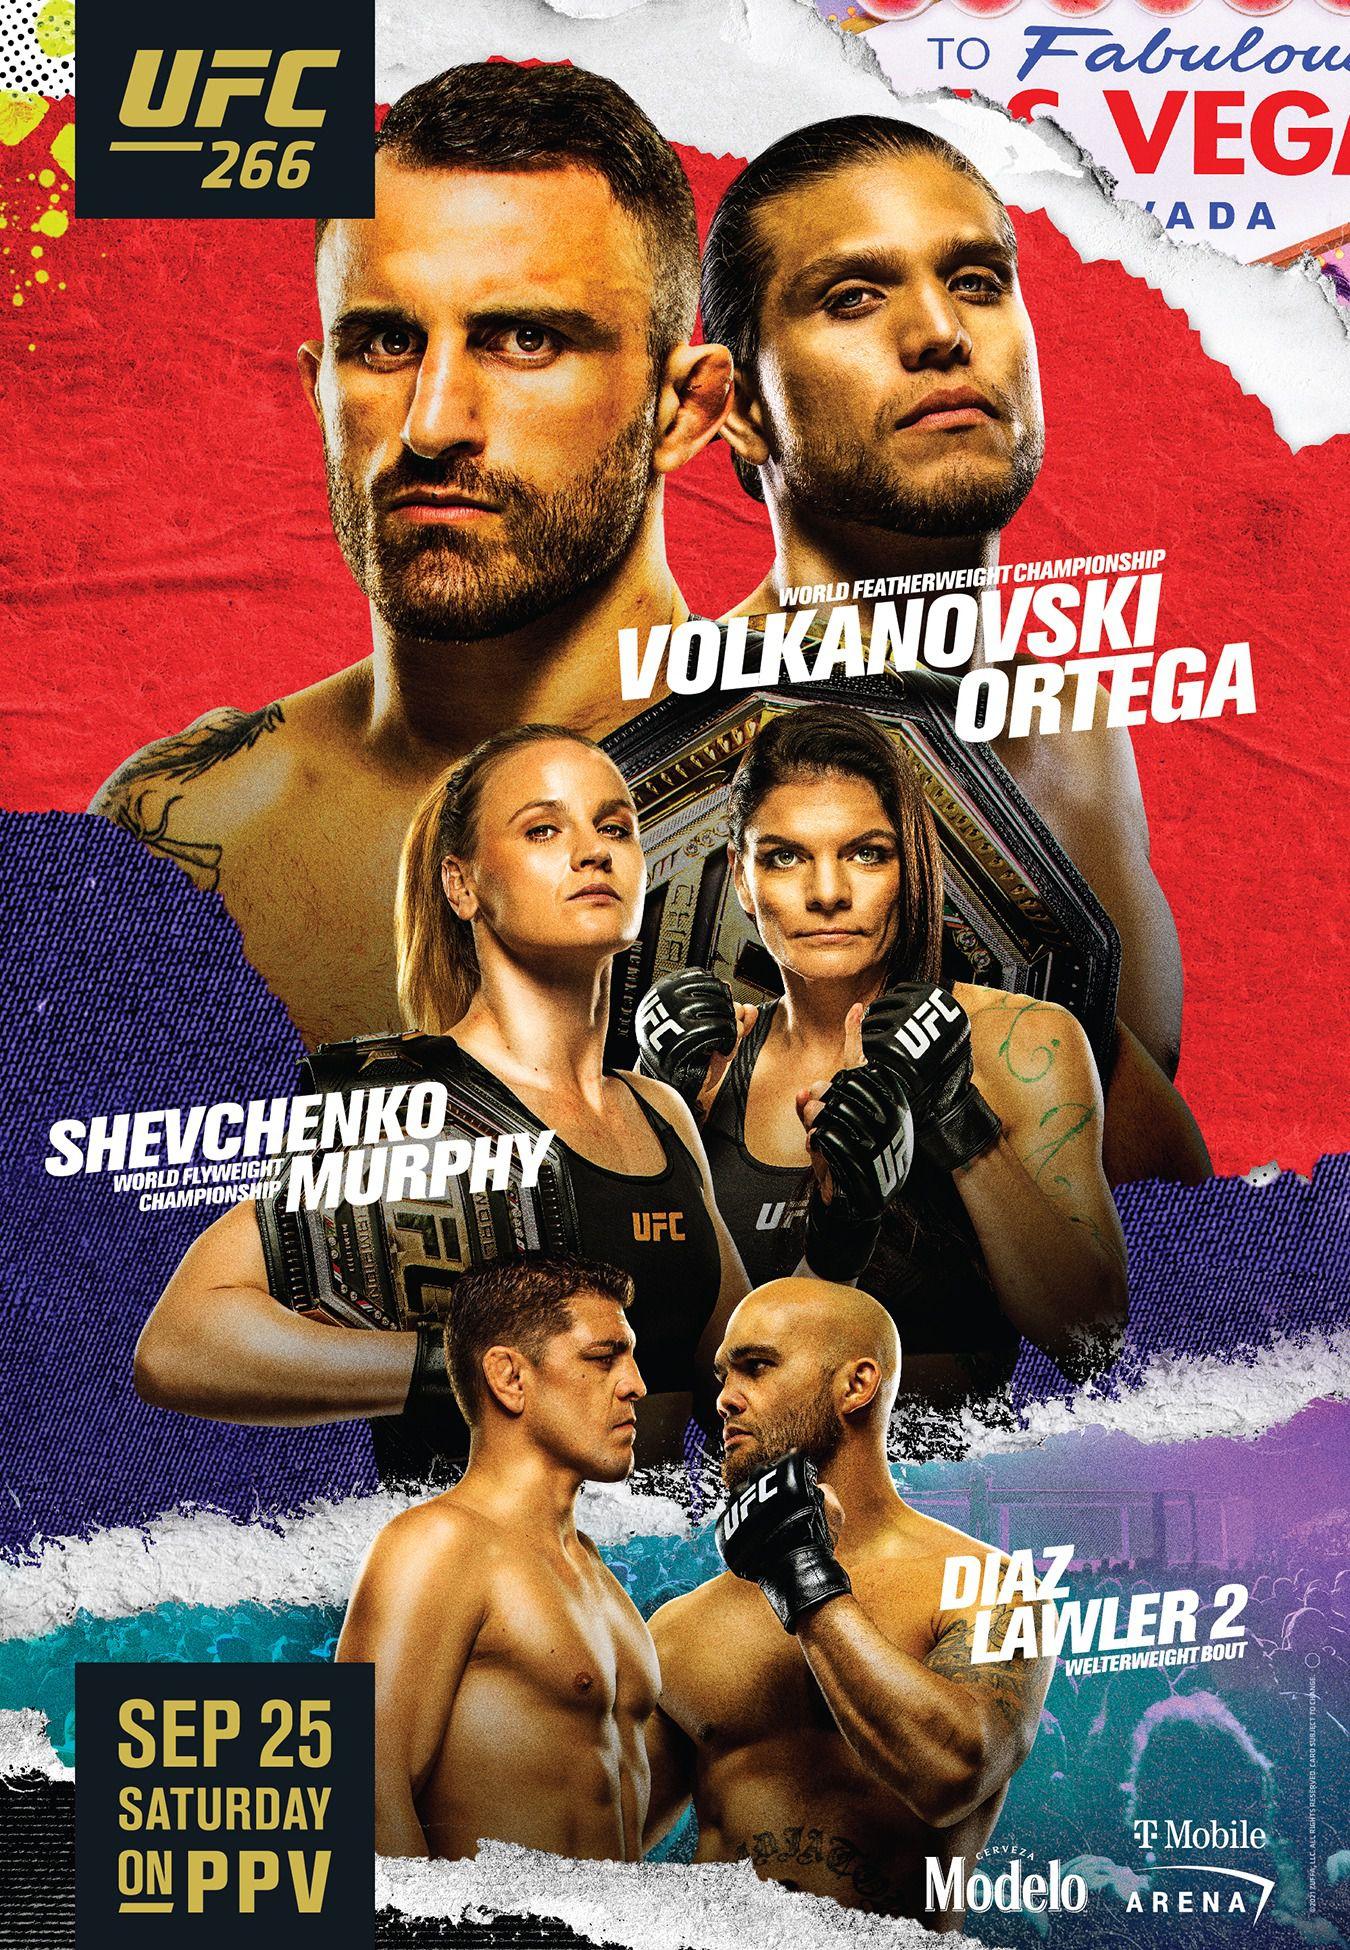 UFC 266 poster drops for 'Volkanovski vs Ortega' featuring return of Nick  Diaz - MMAmania.com